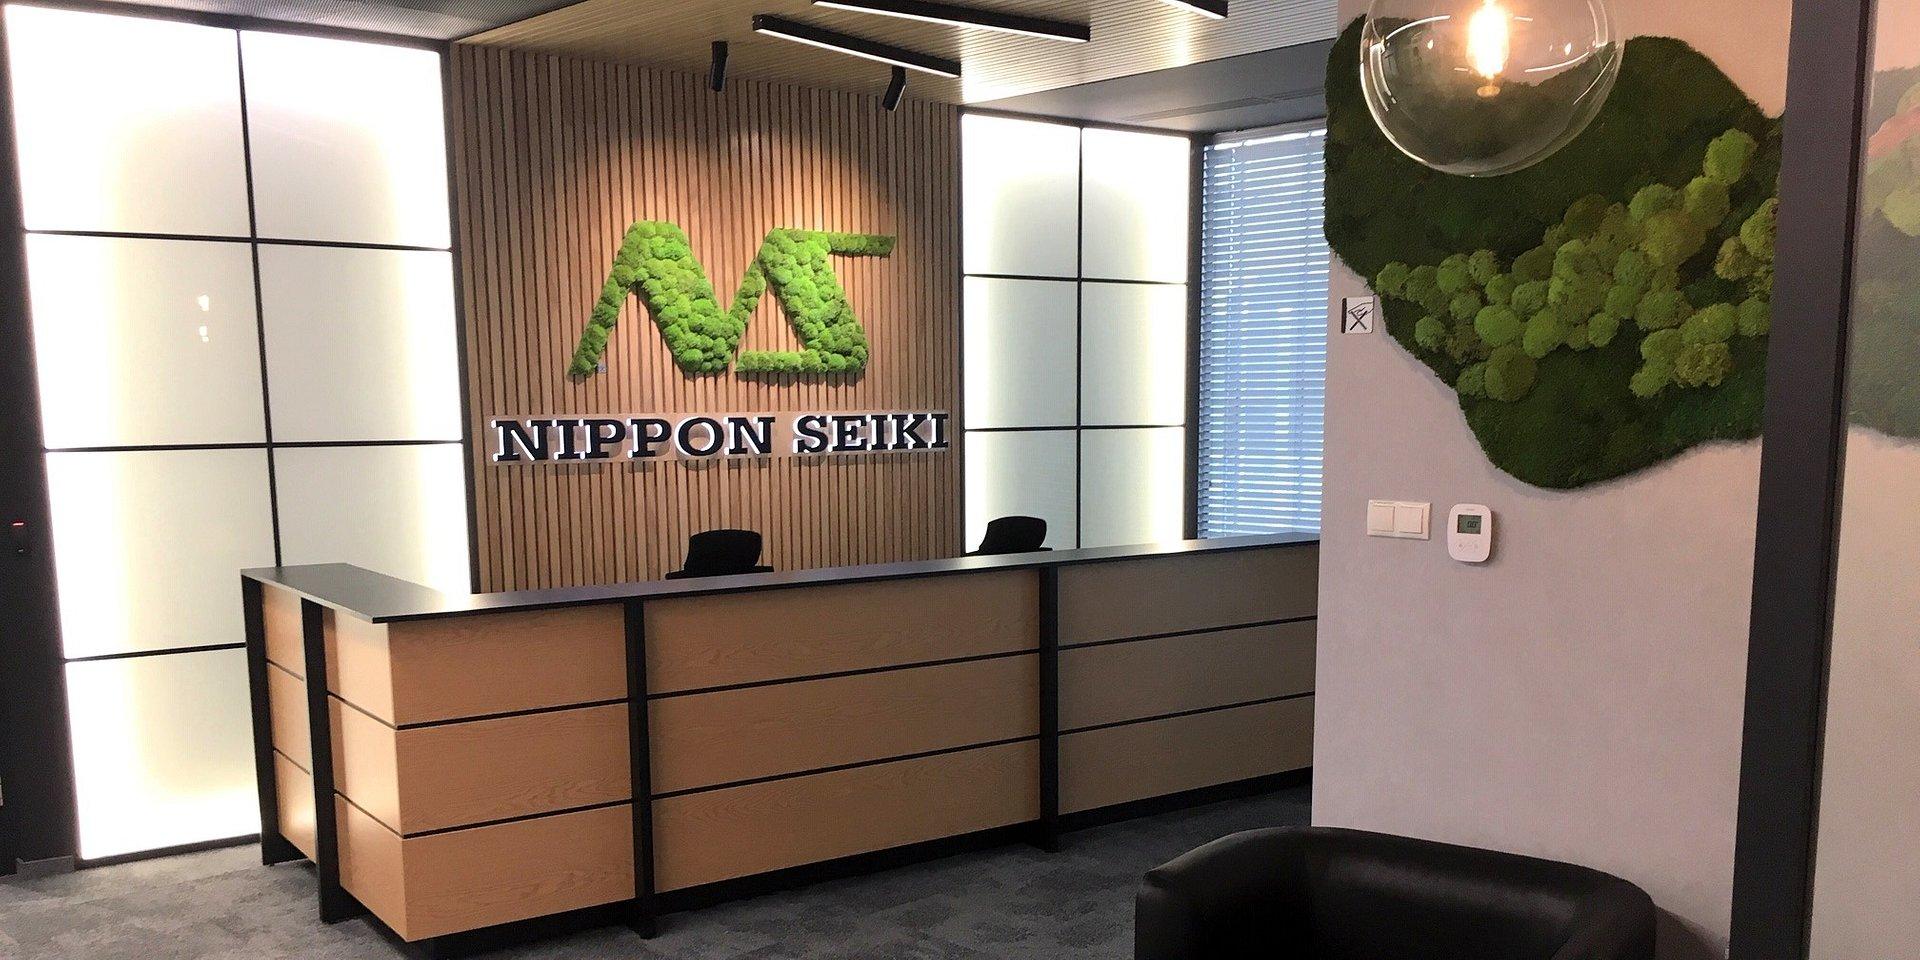 Nippon Seiki powiększa biuro i zespół w Gdańsku